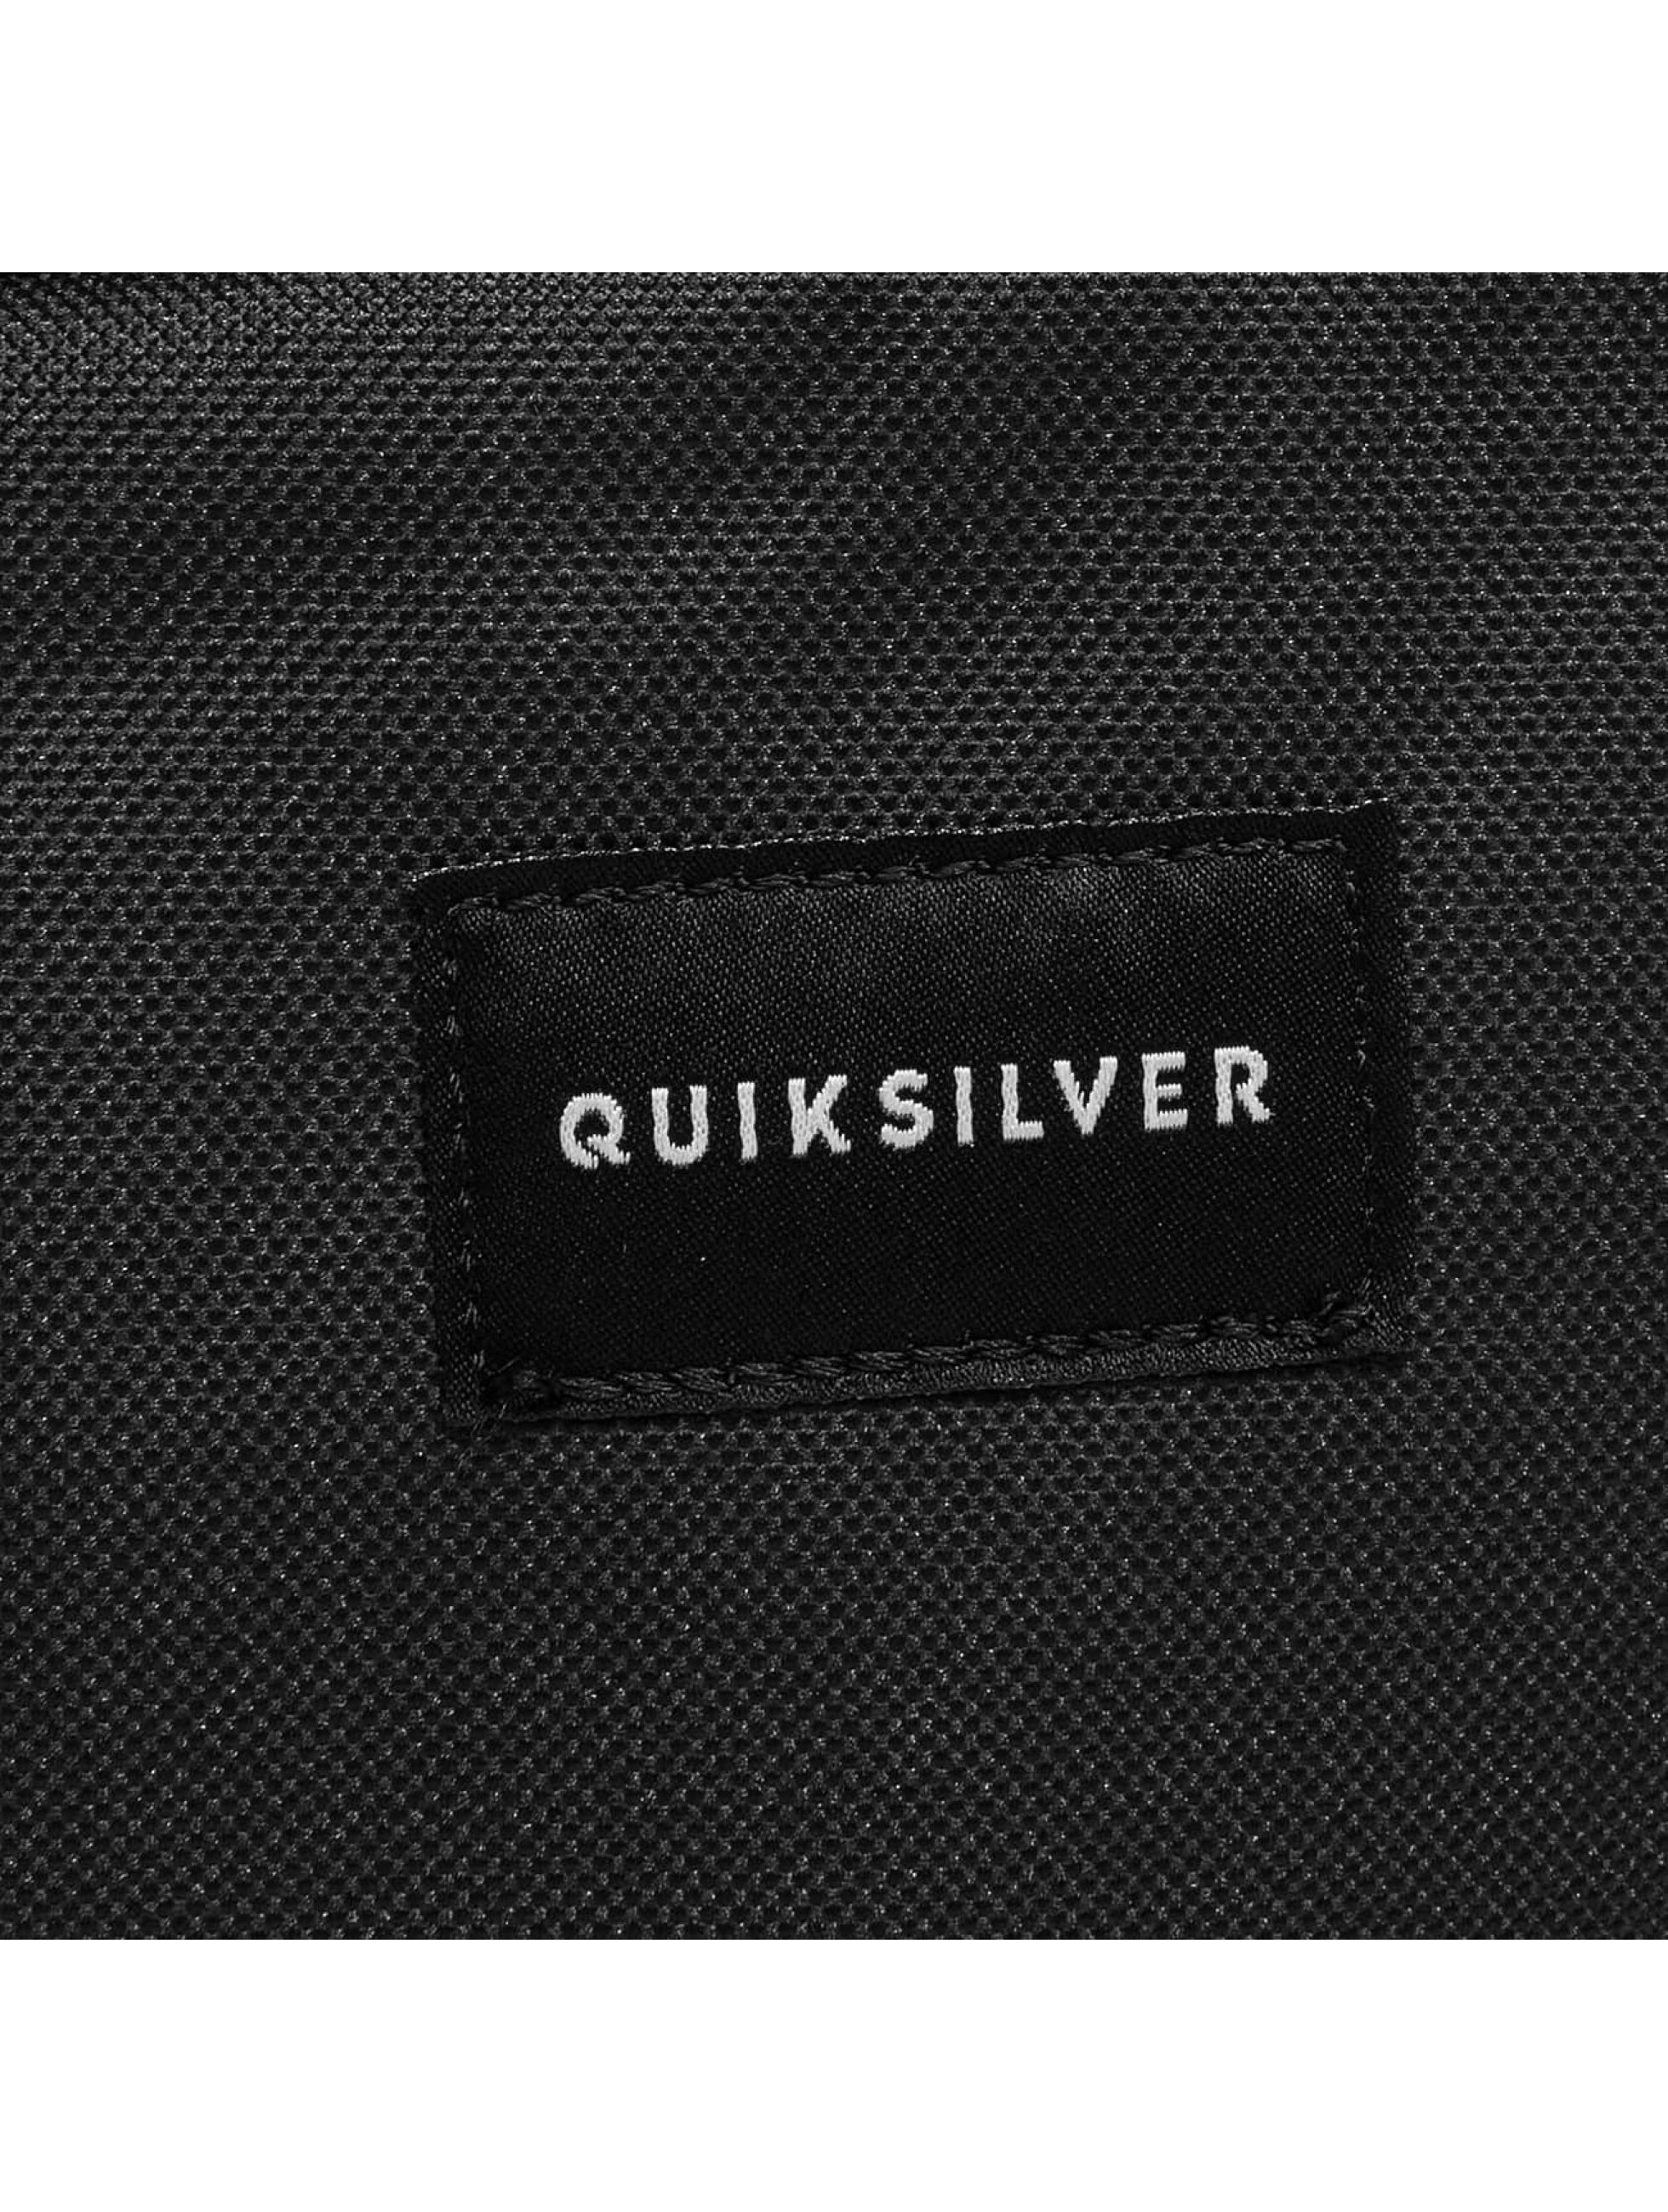 Quiksilver Batohy 1969 Special èierna